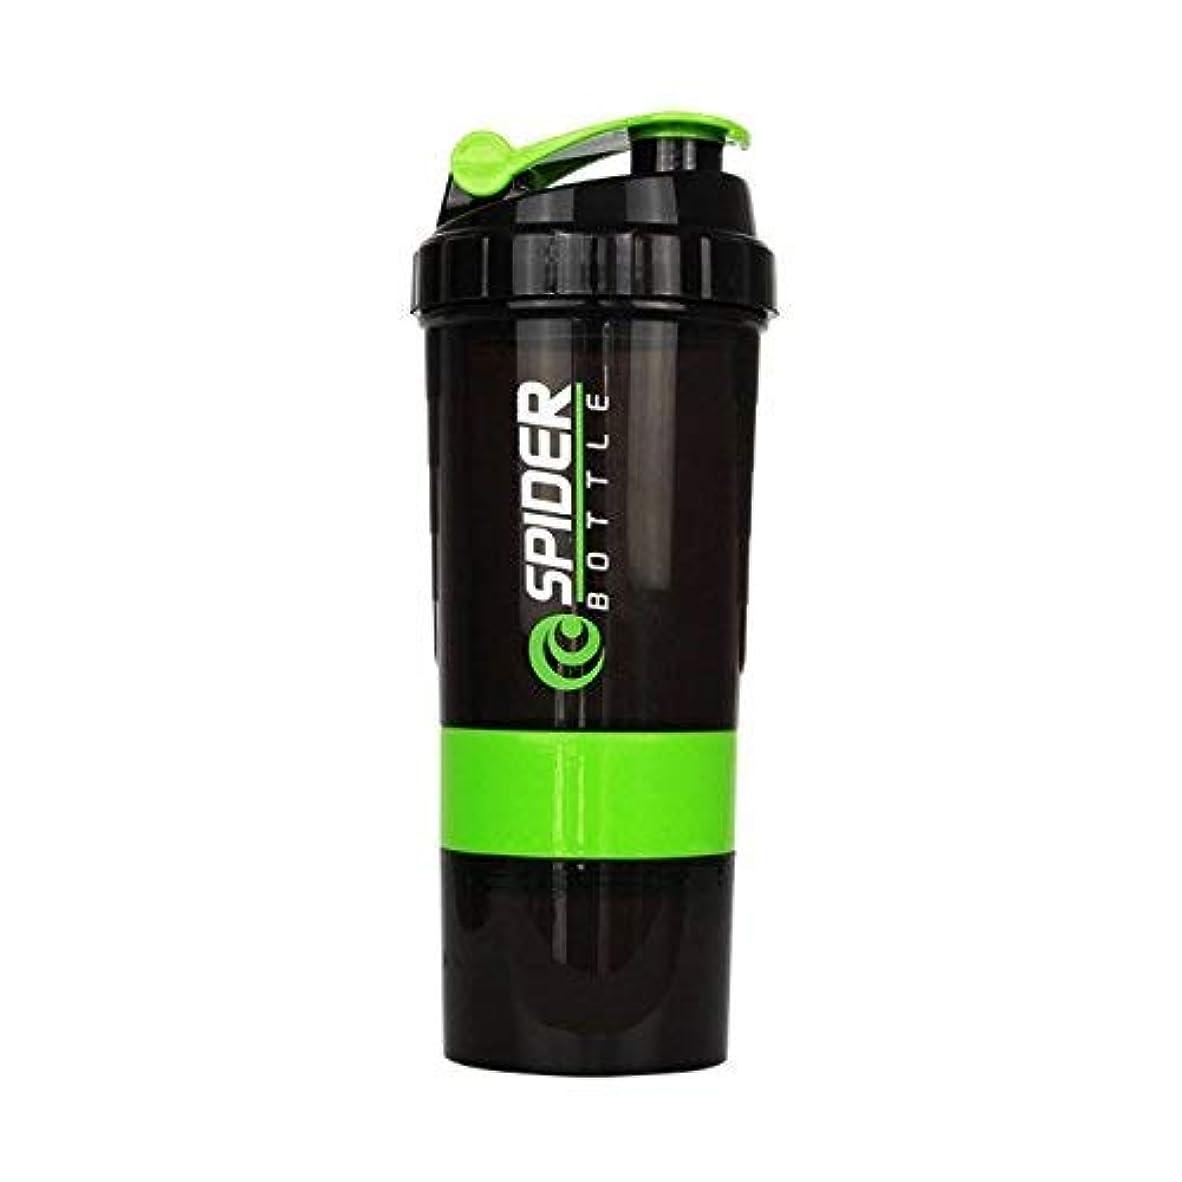 解放する忠実な化合物Aomgsd プロテインシェイカー 650ml シェーカーボトル プラスチック 目盛り ジム ダイエット スポーツ (グリーン)